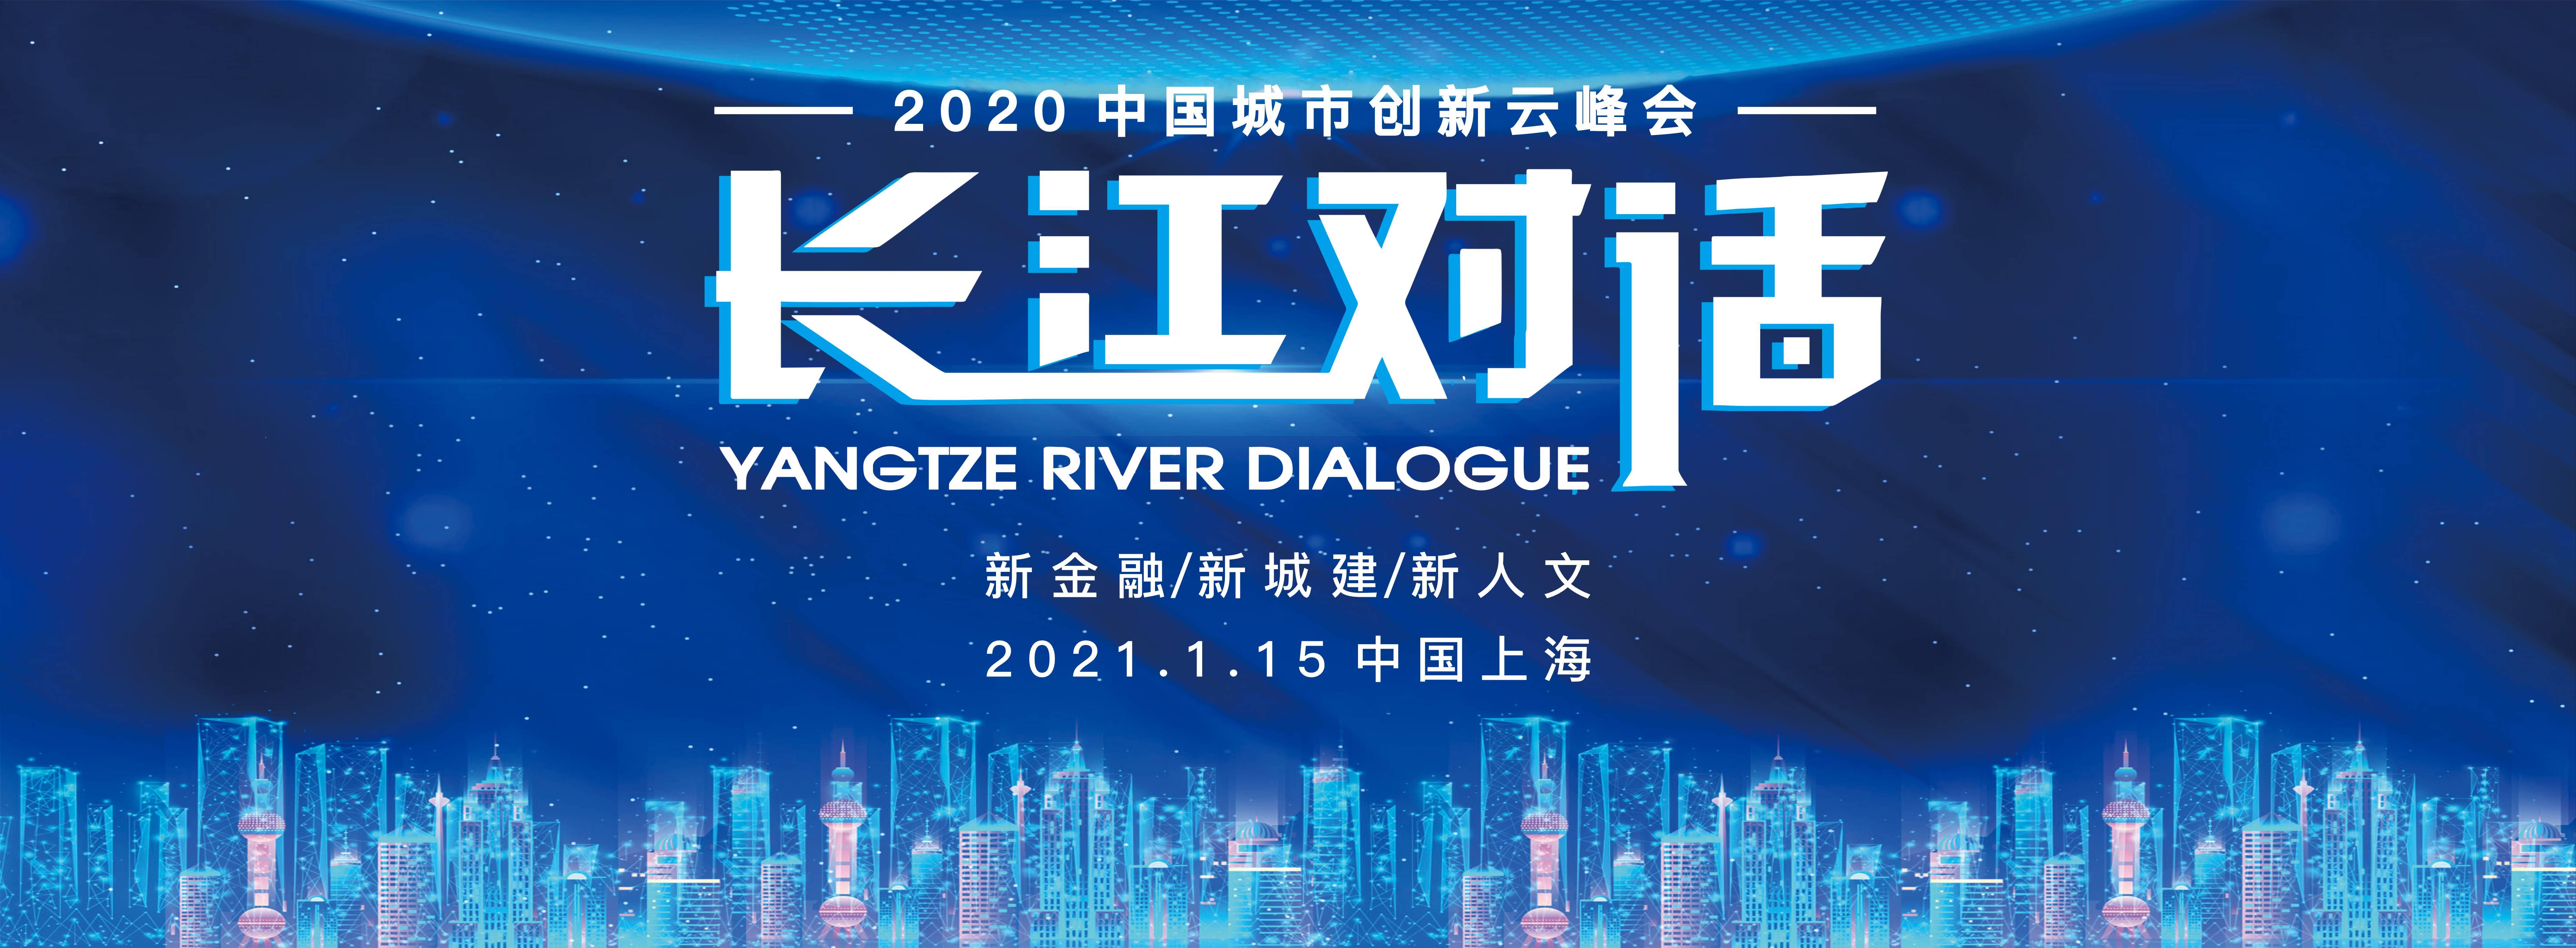 2020长江对话: 探索中国特色城市发展道路